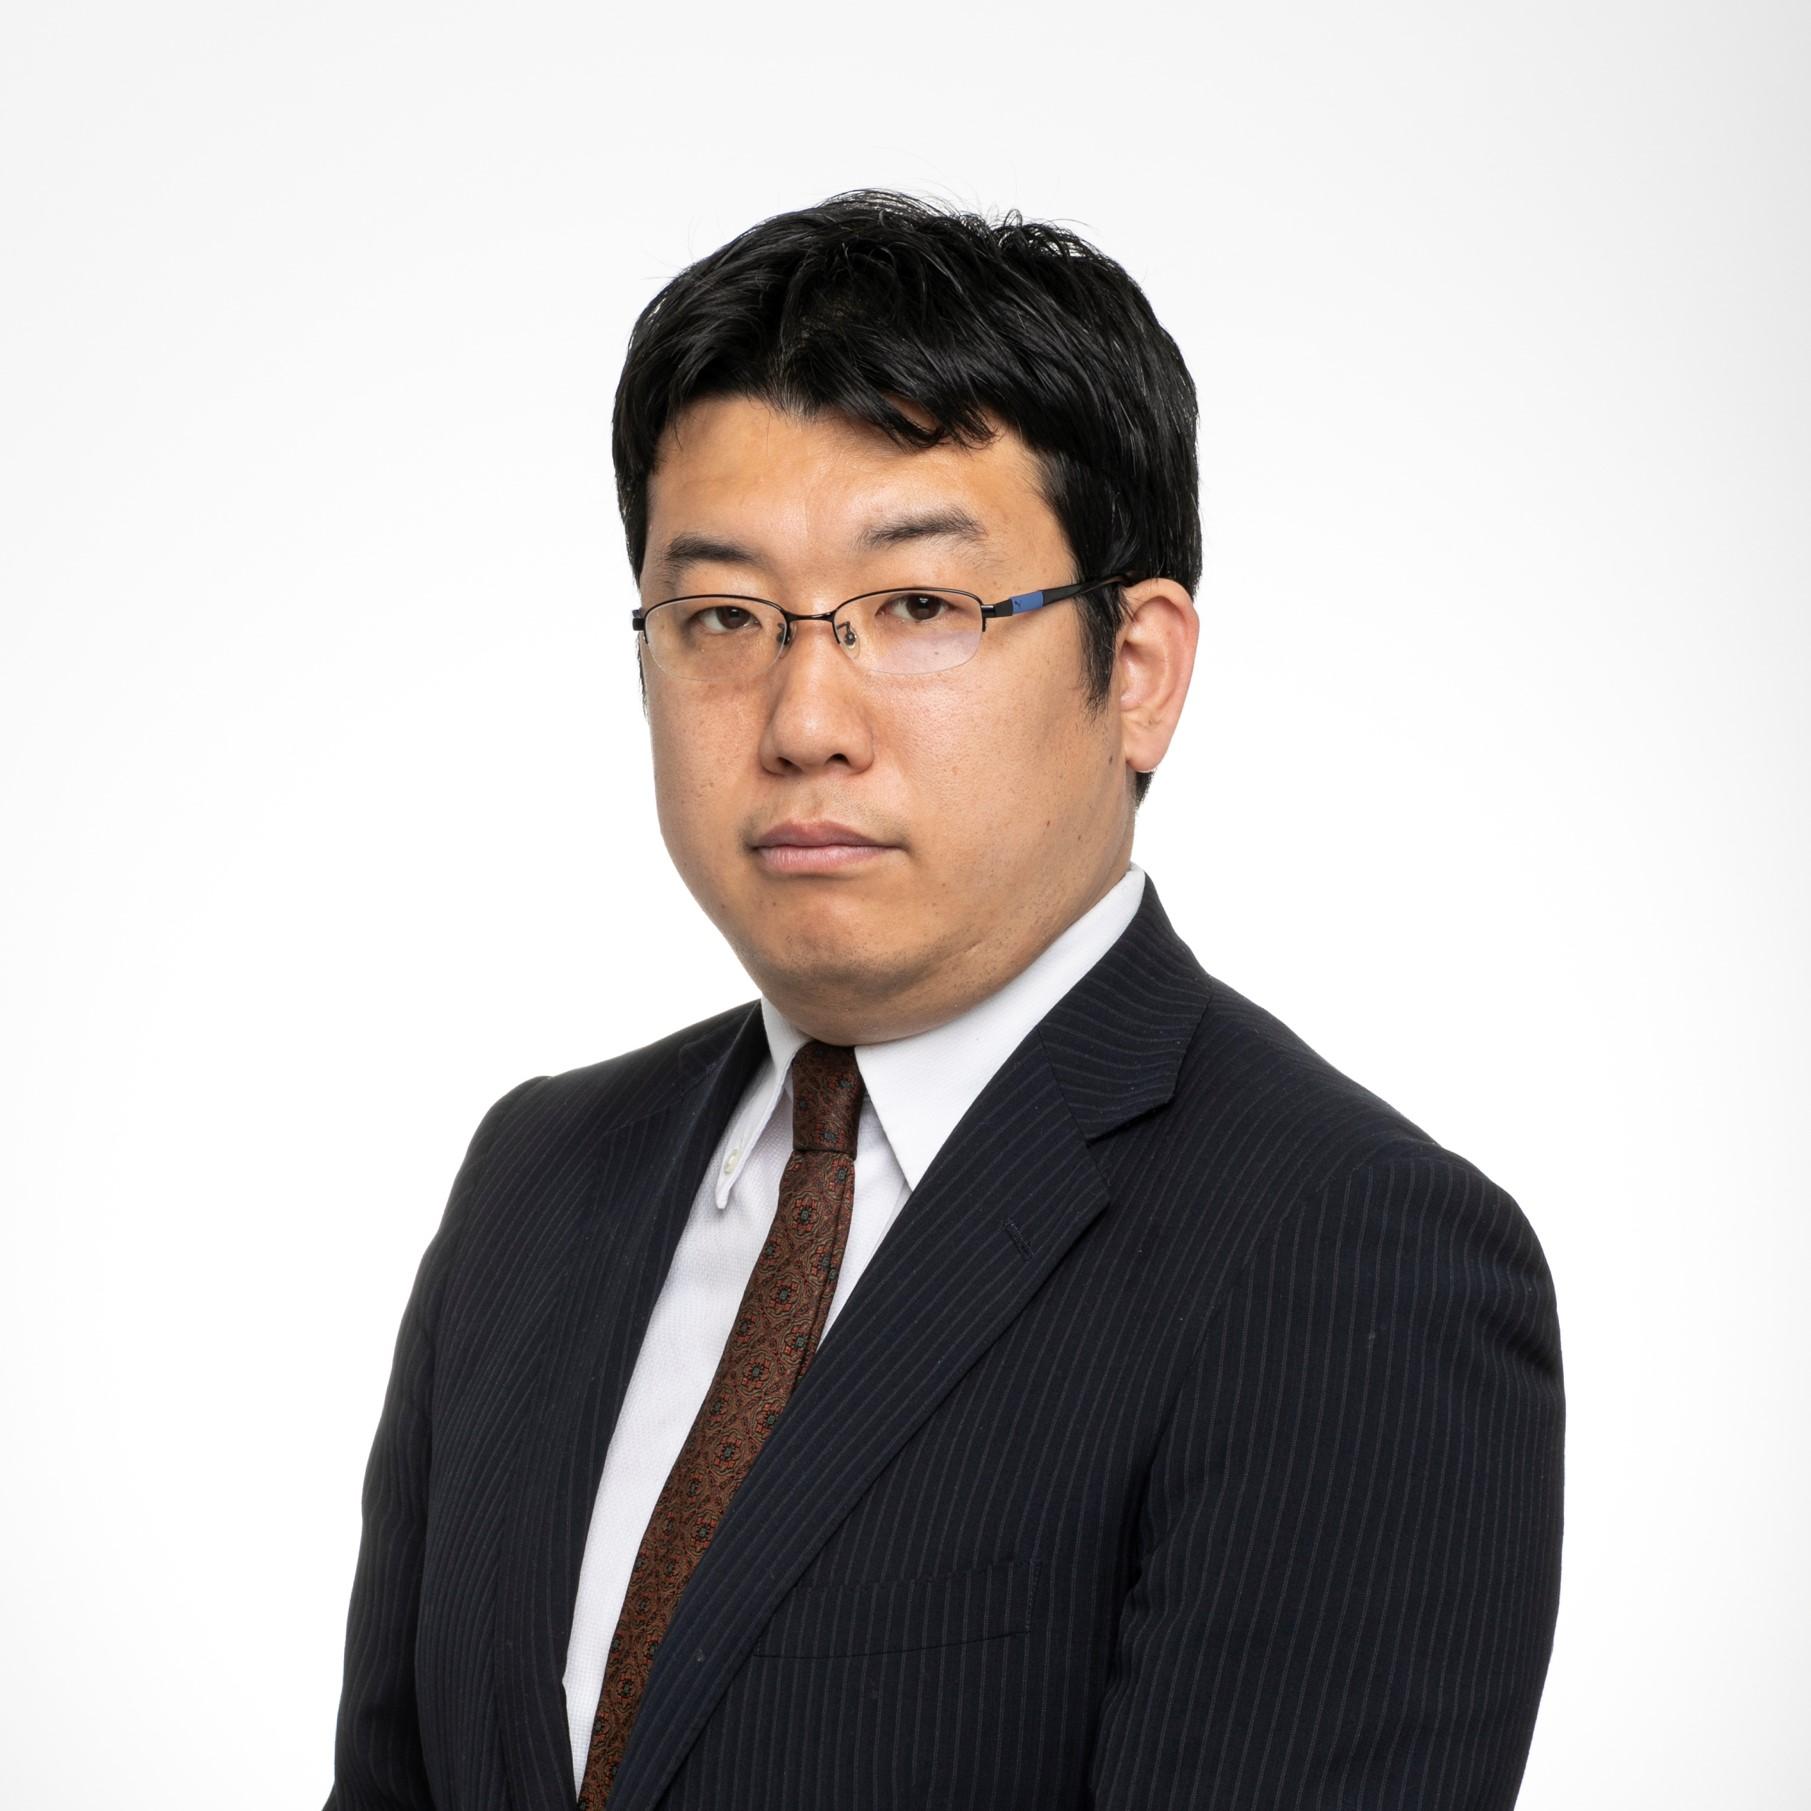 Yoji Aoki